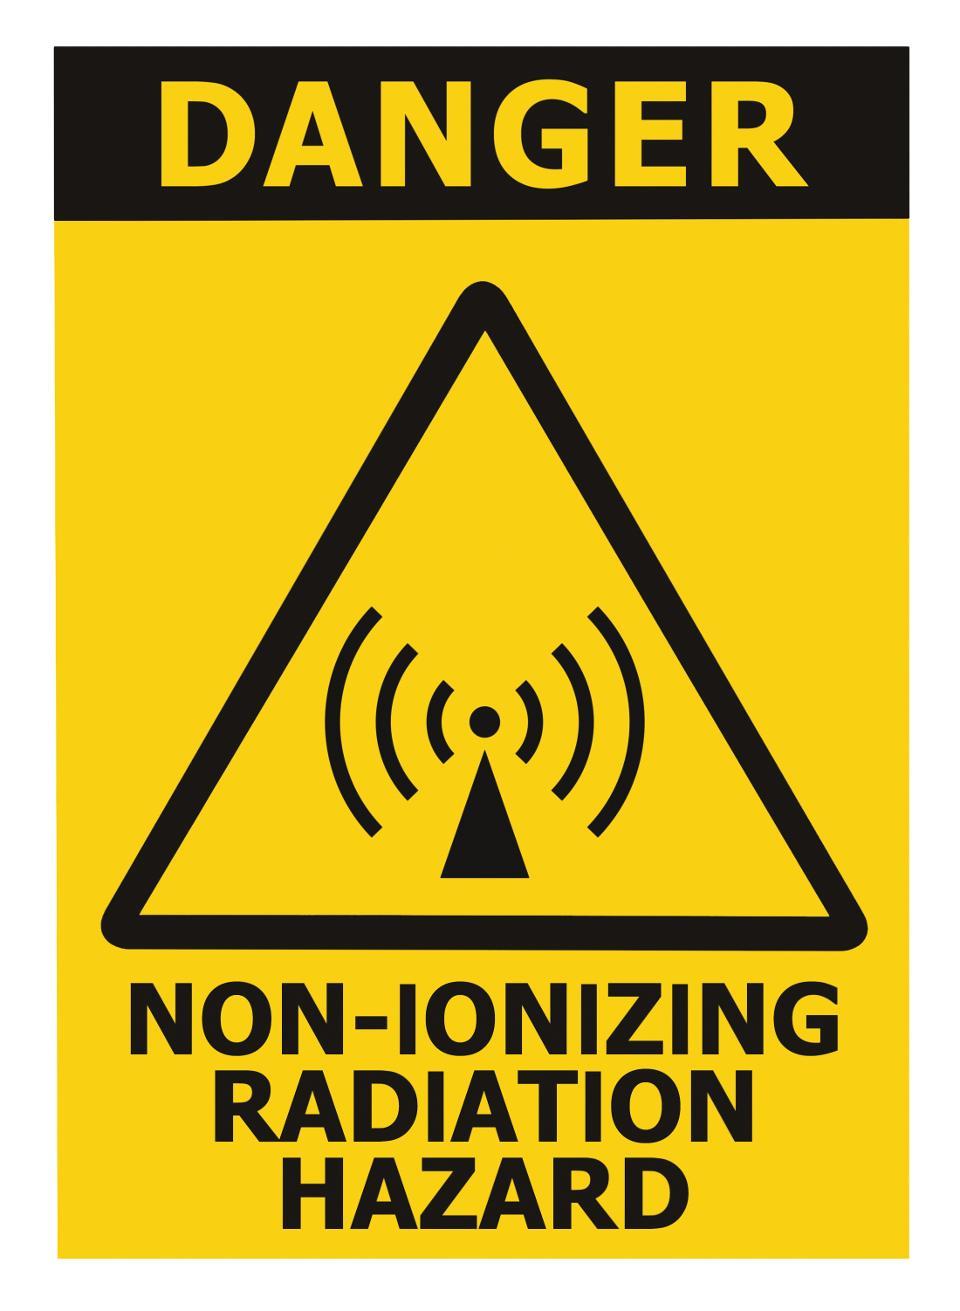 电磁健康危机 如果生物一直暴露在自然电磁场中并且它们的身体也会产生电流为什么人为的电磁场越来越受到关注